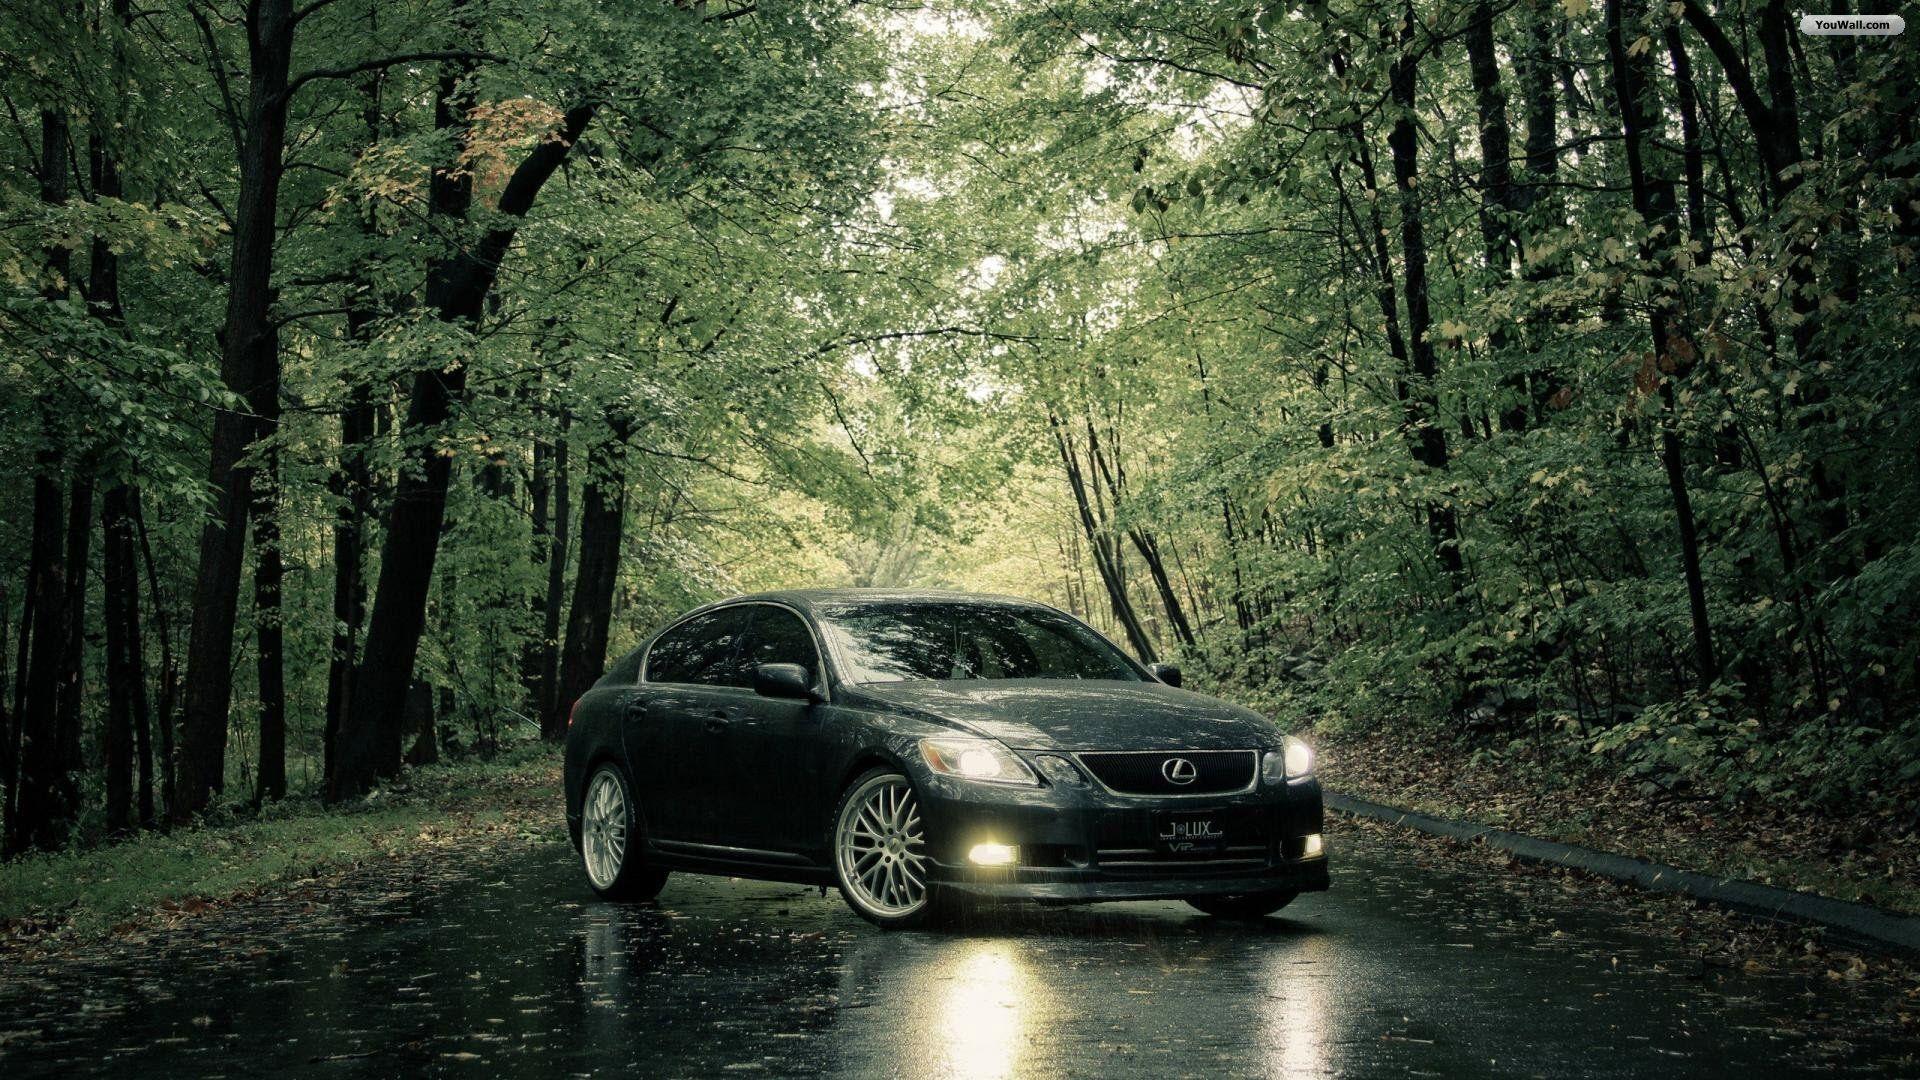 Lexus Wallpaper Lexus Car Forest Landscape